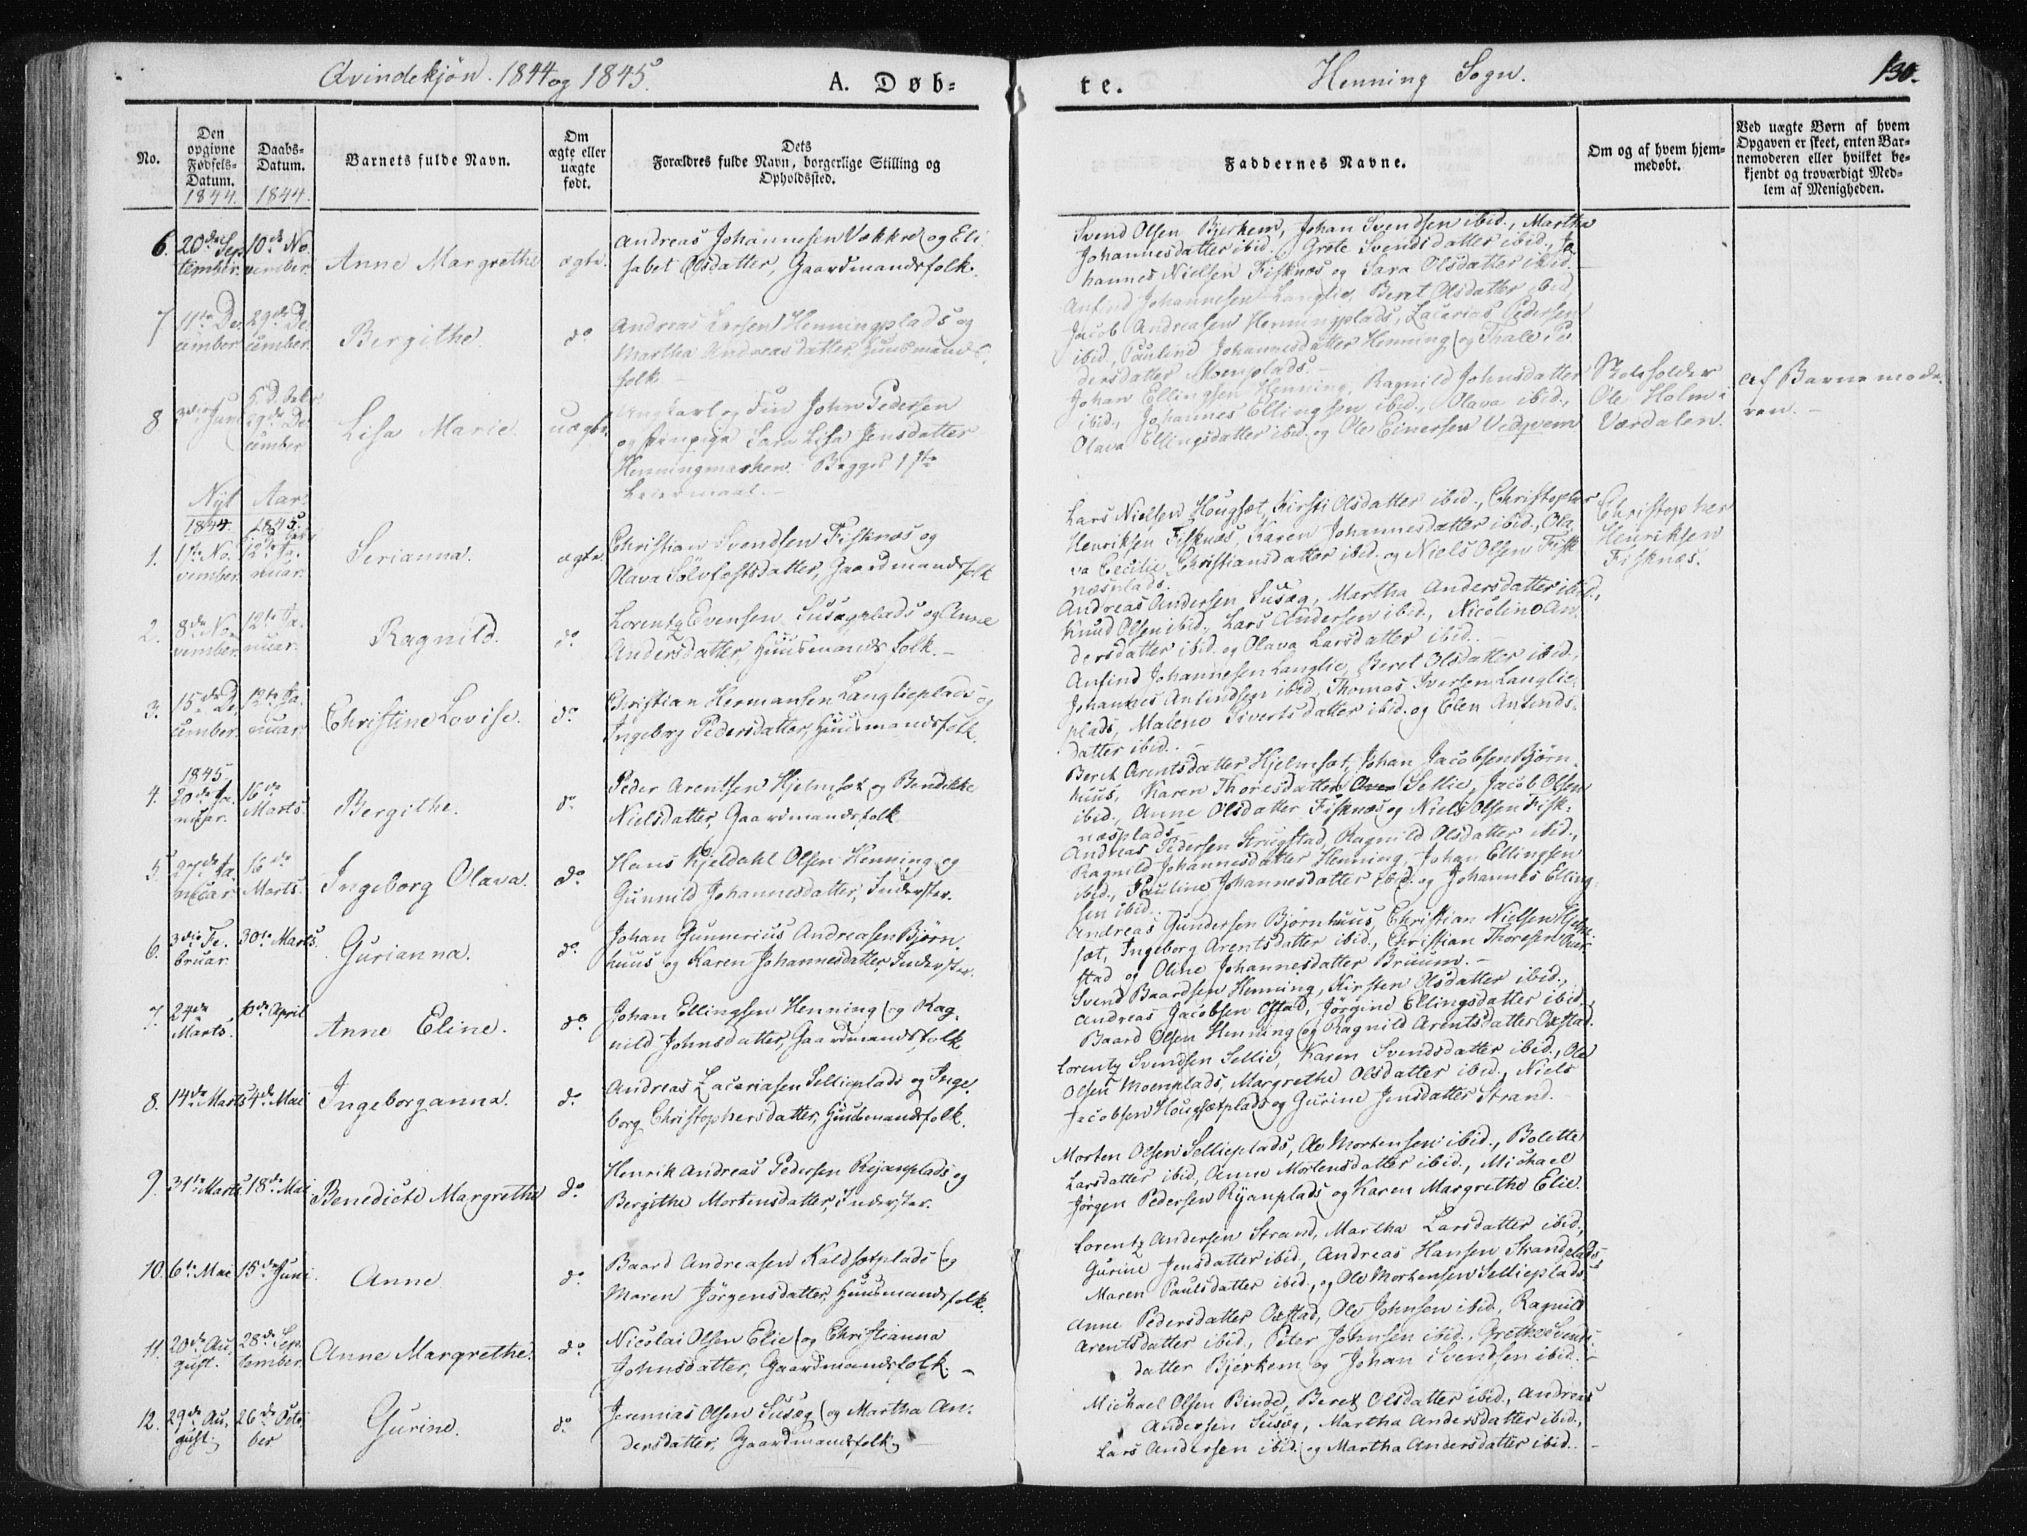 SAT, Ministerialprotokoller, klokkerbøker og fødselsregistre - Nord-Trøndelag, 735/L0339: Ministerialbok nr. 735A06 /3, 1836-1848, s. 130